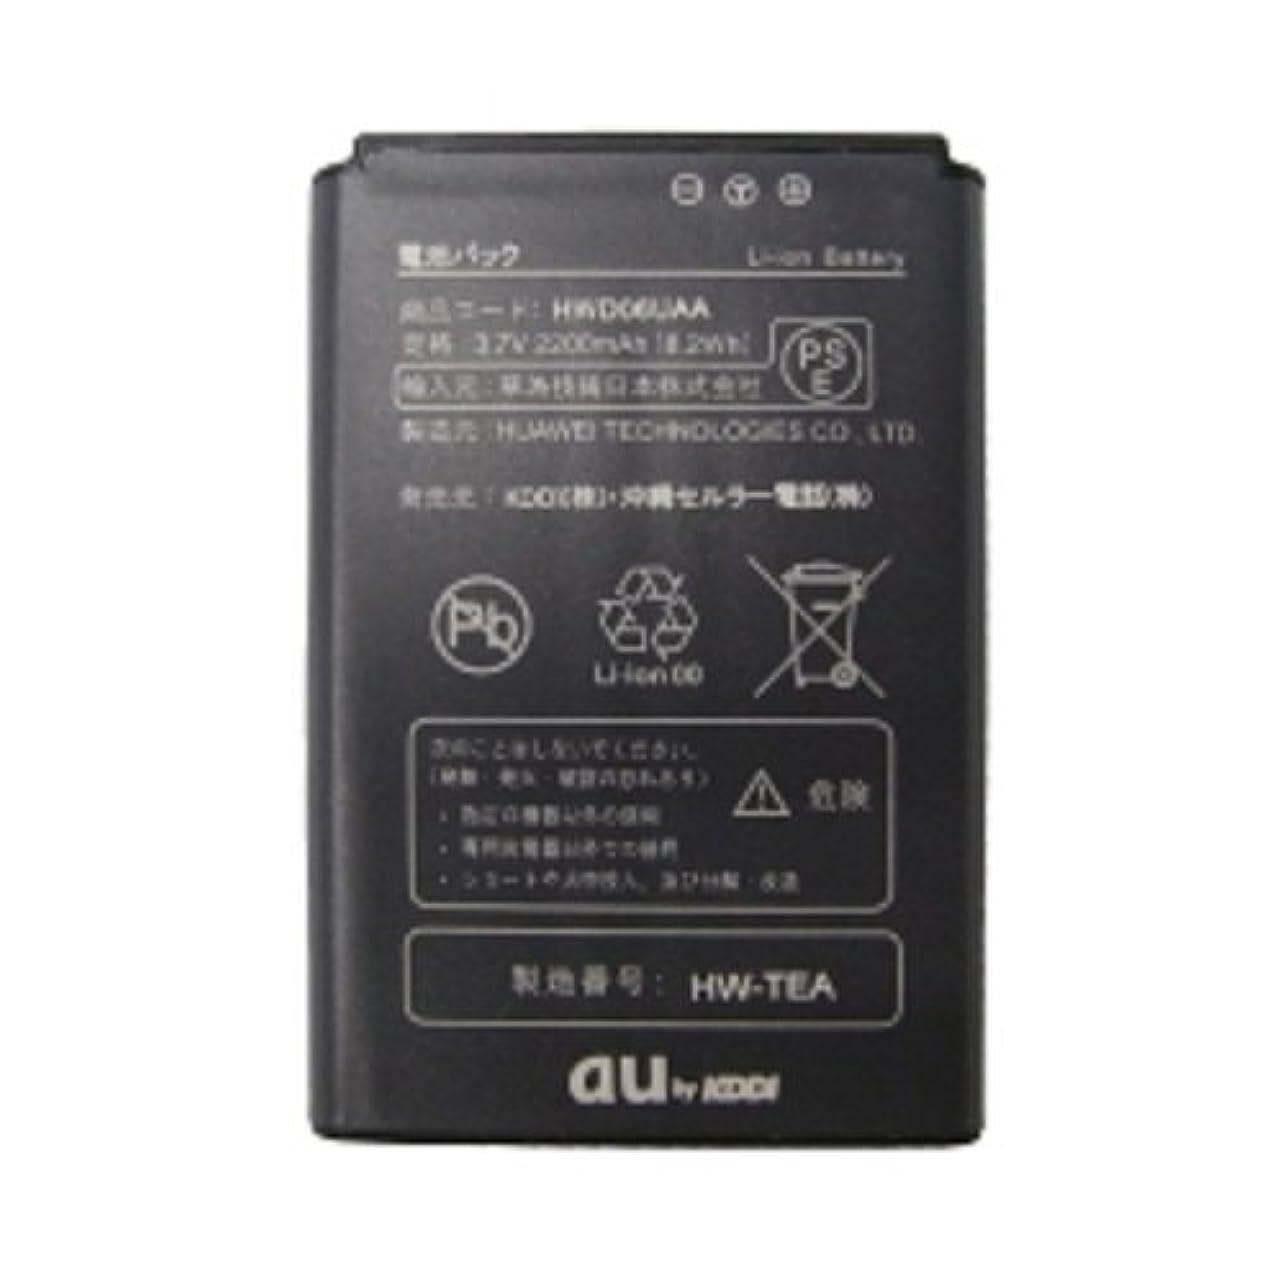 護衛自分の力ですべてをする暗いUQコミュニケーションズ モバイルルーター Wi-Fi WALKER DATA08W用電池パック HWD06UAA